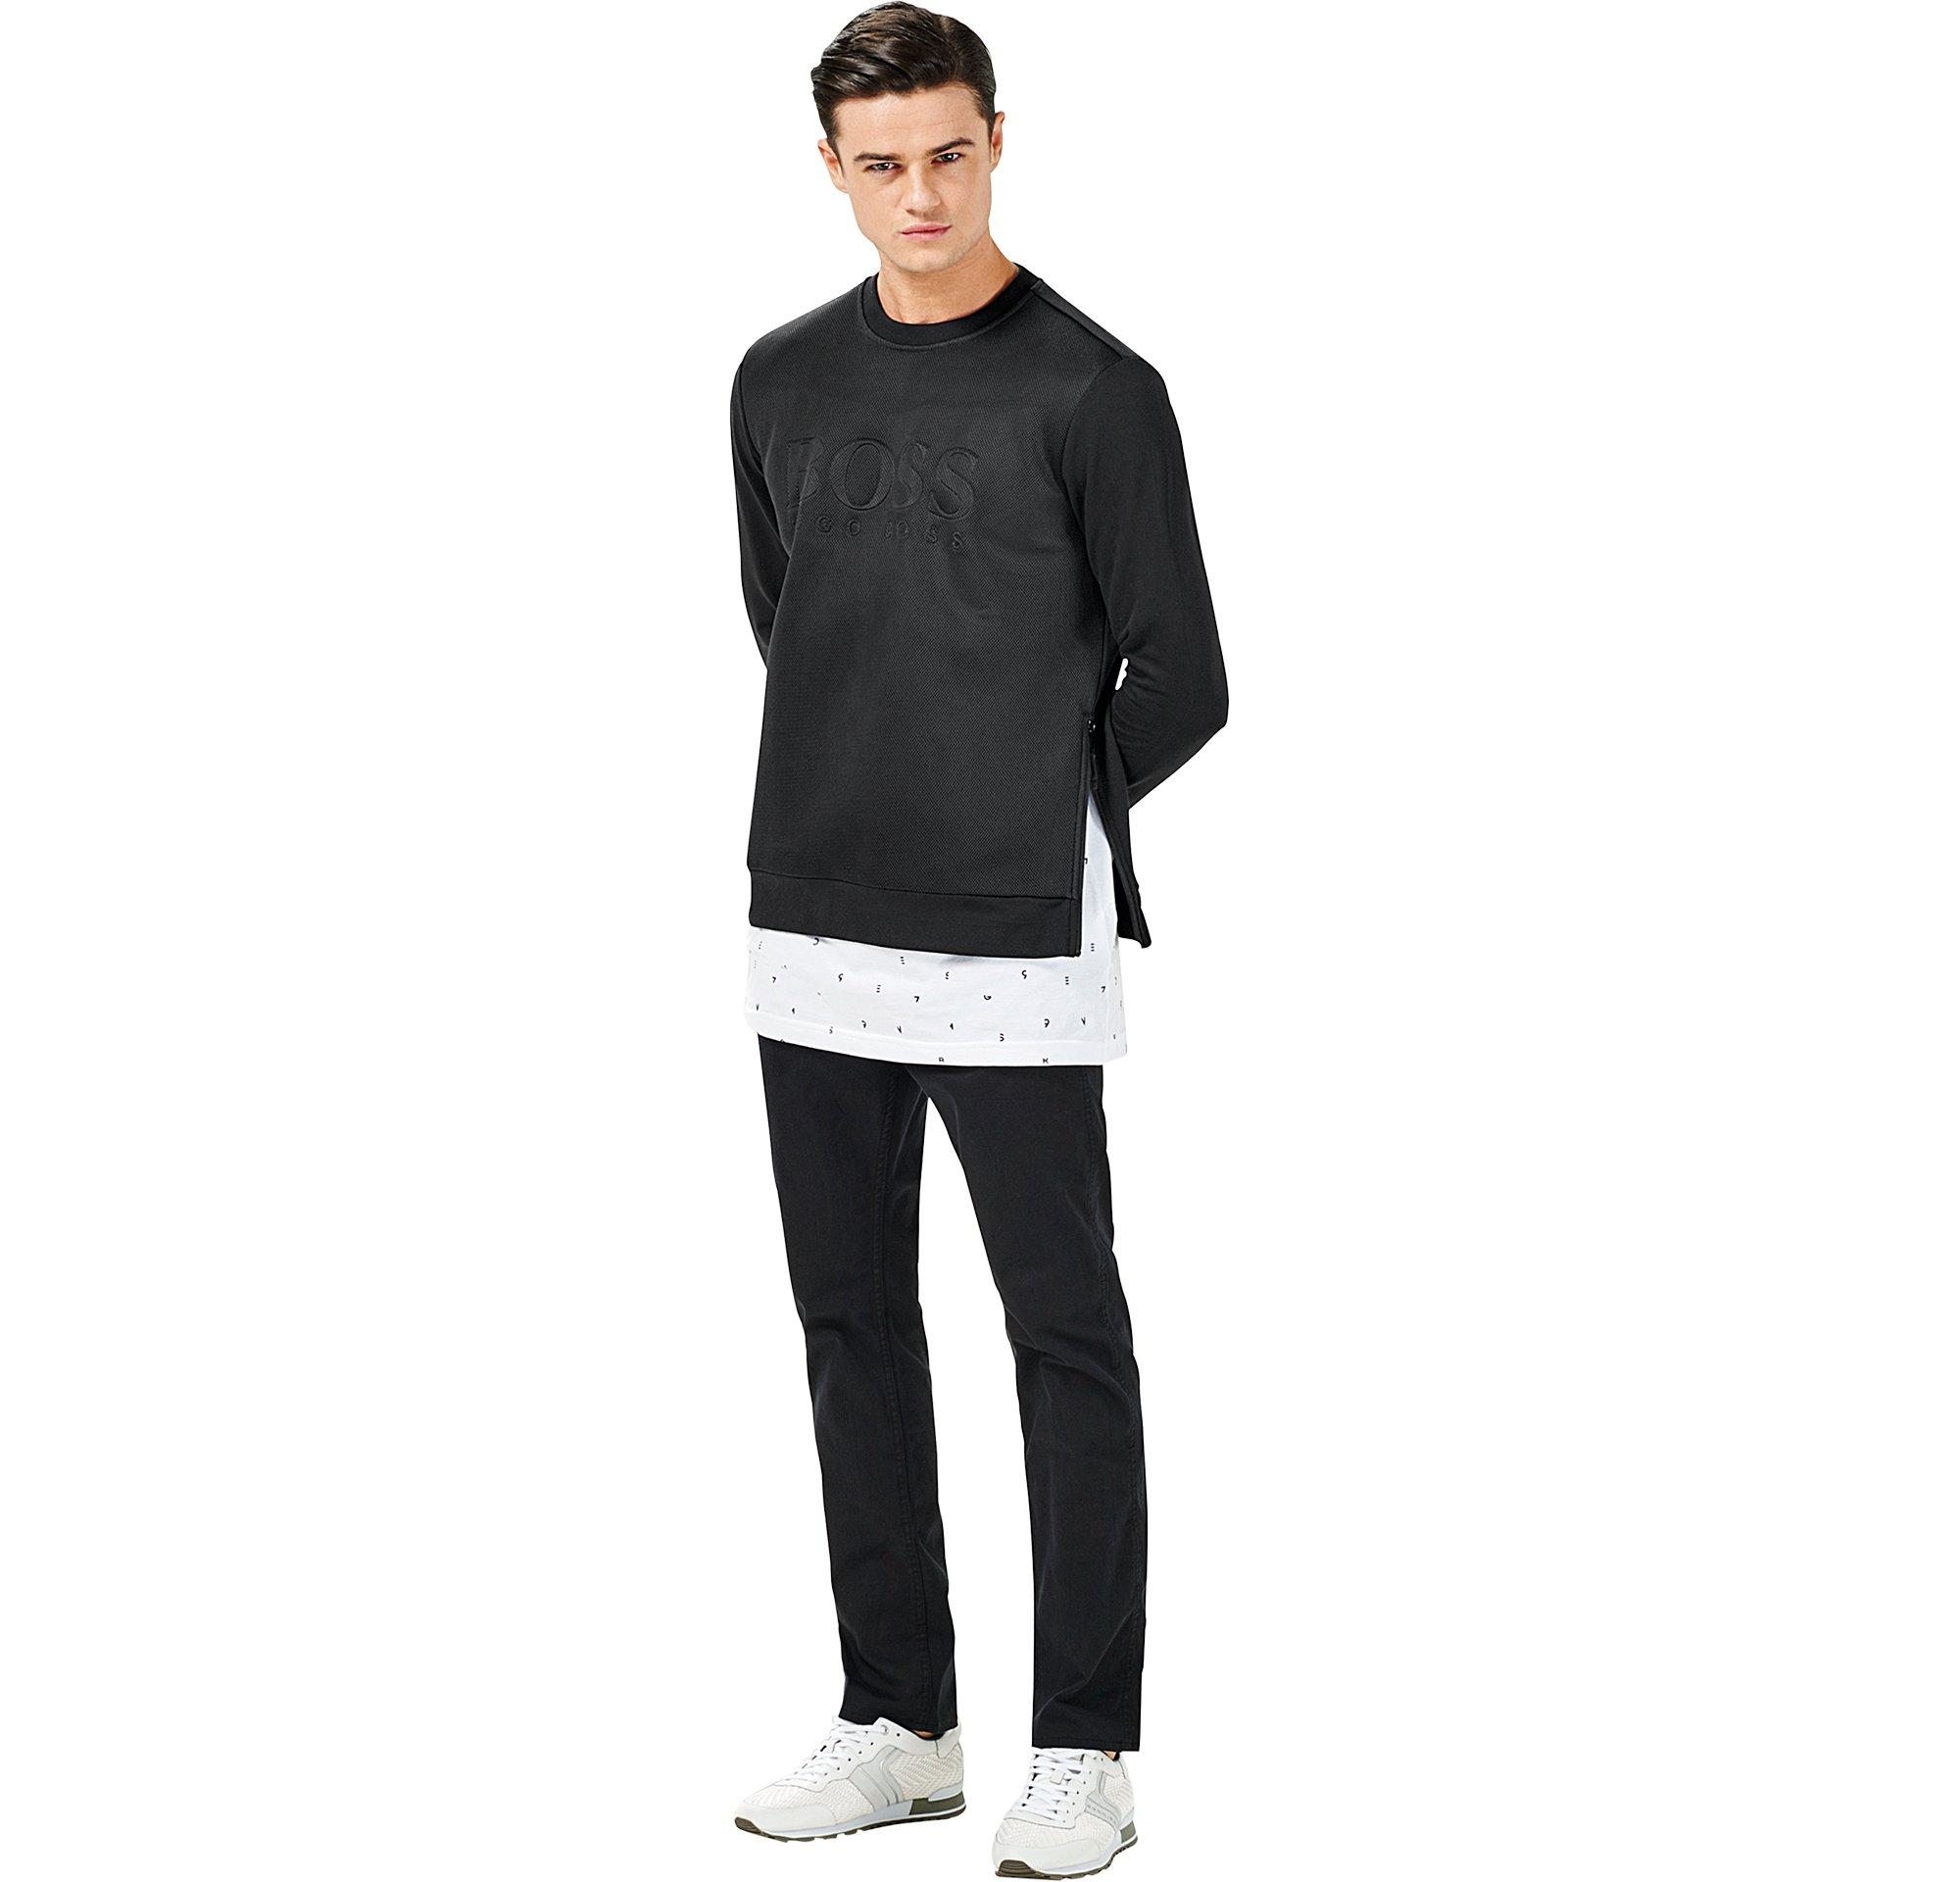 Jersey, T-Shirt, Jeans und Schuhe von BOSS Green Menswear